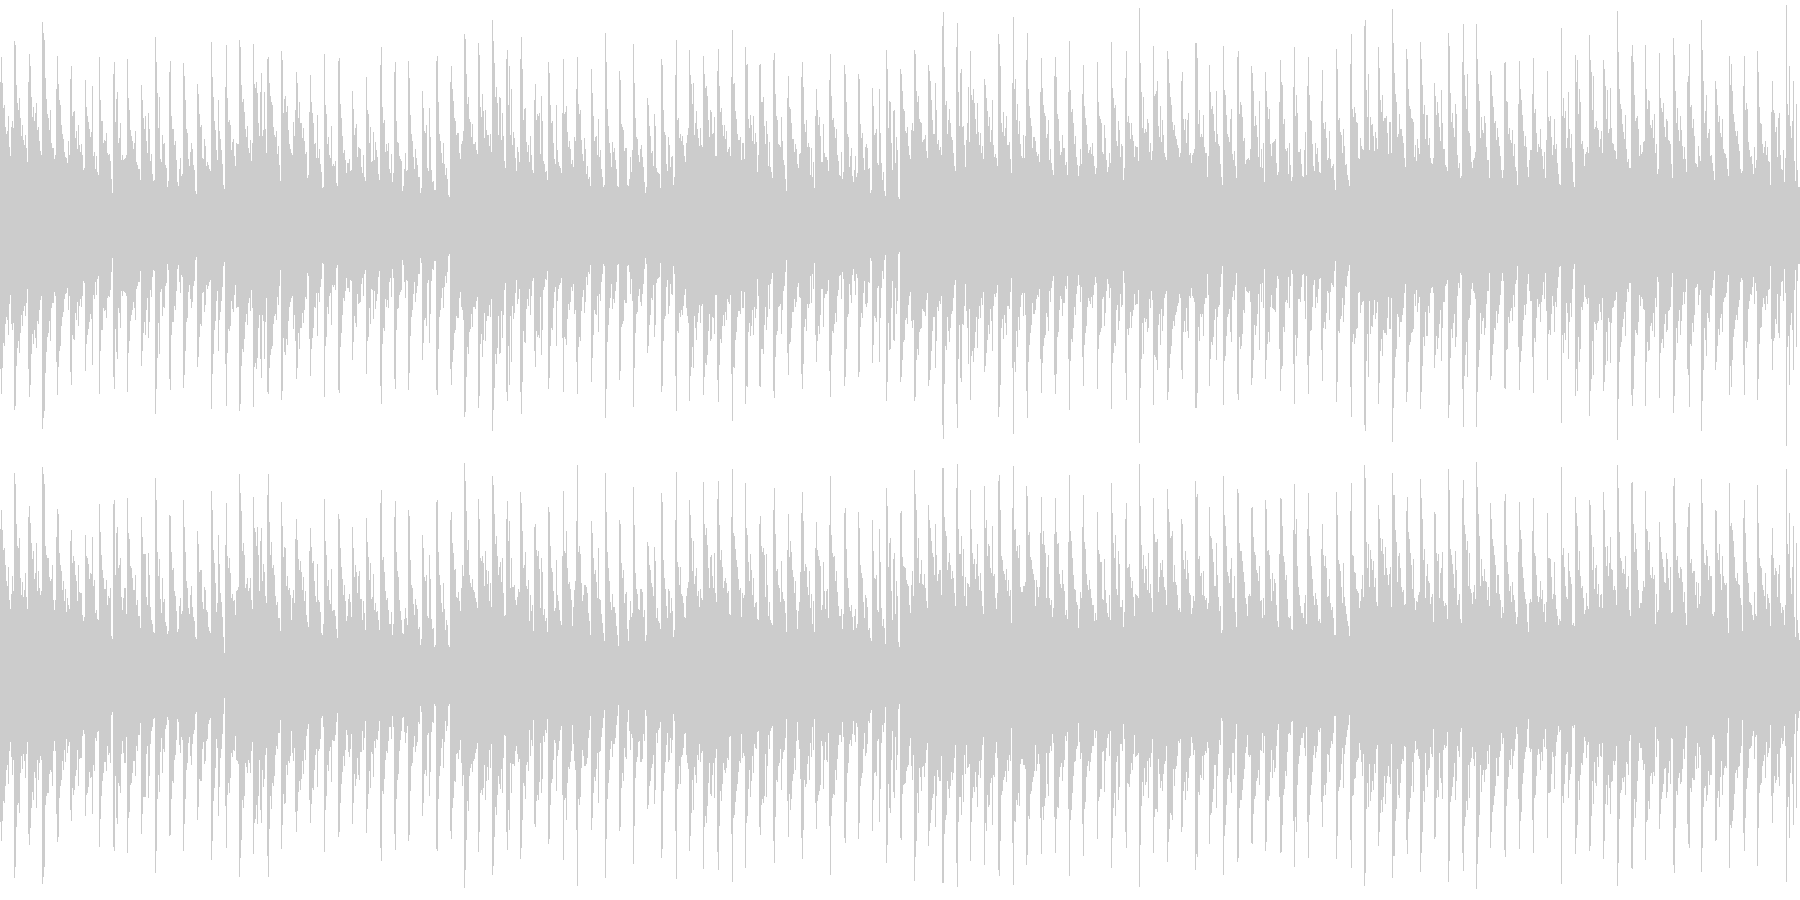 ふわふわとした空気感を味わえる楽曲です。の未再生の波形